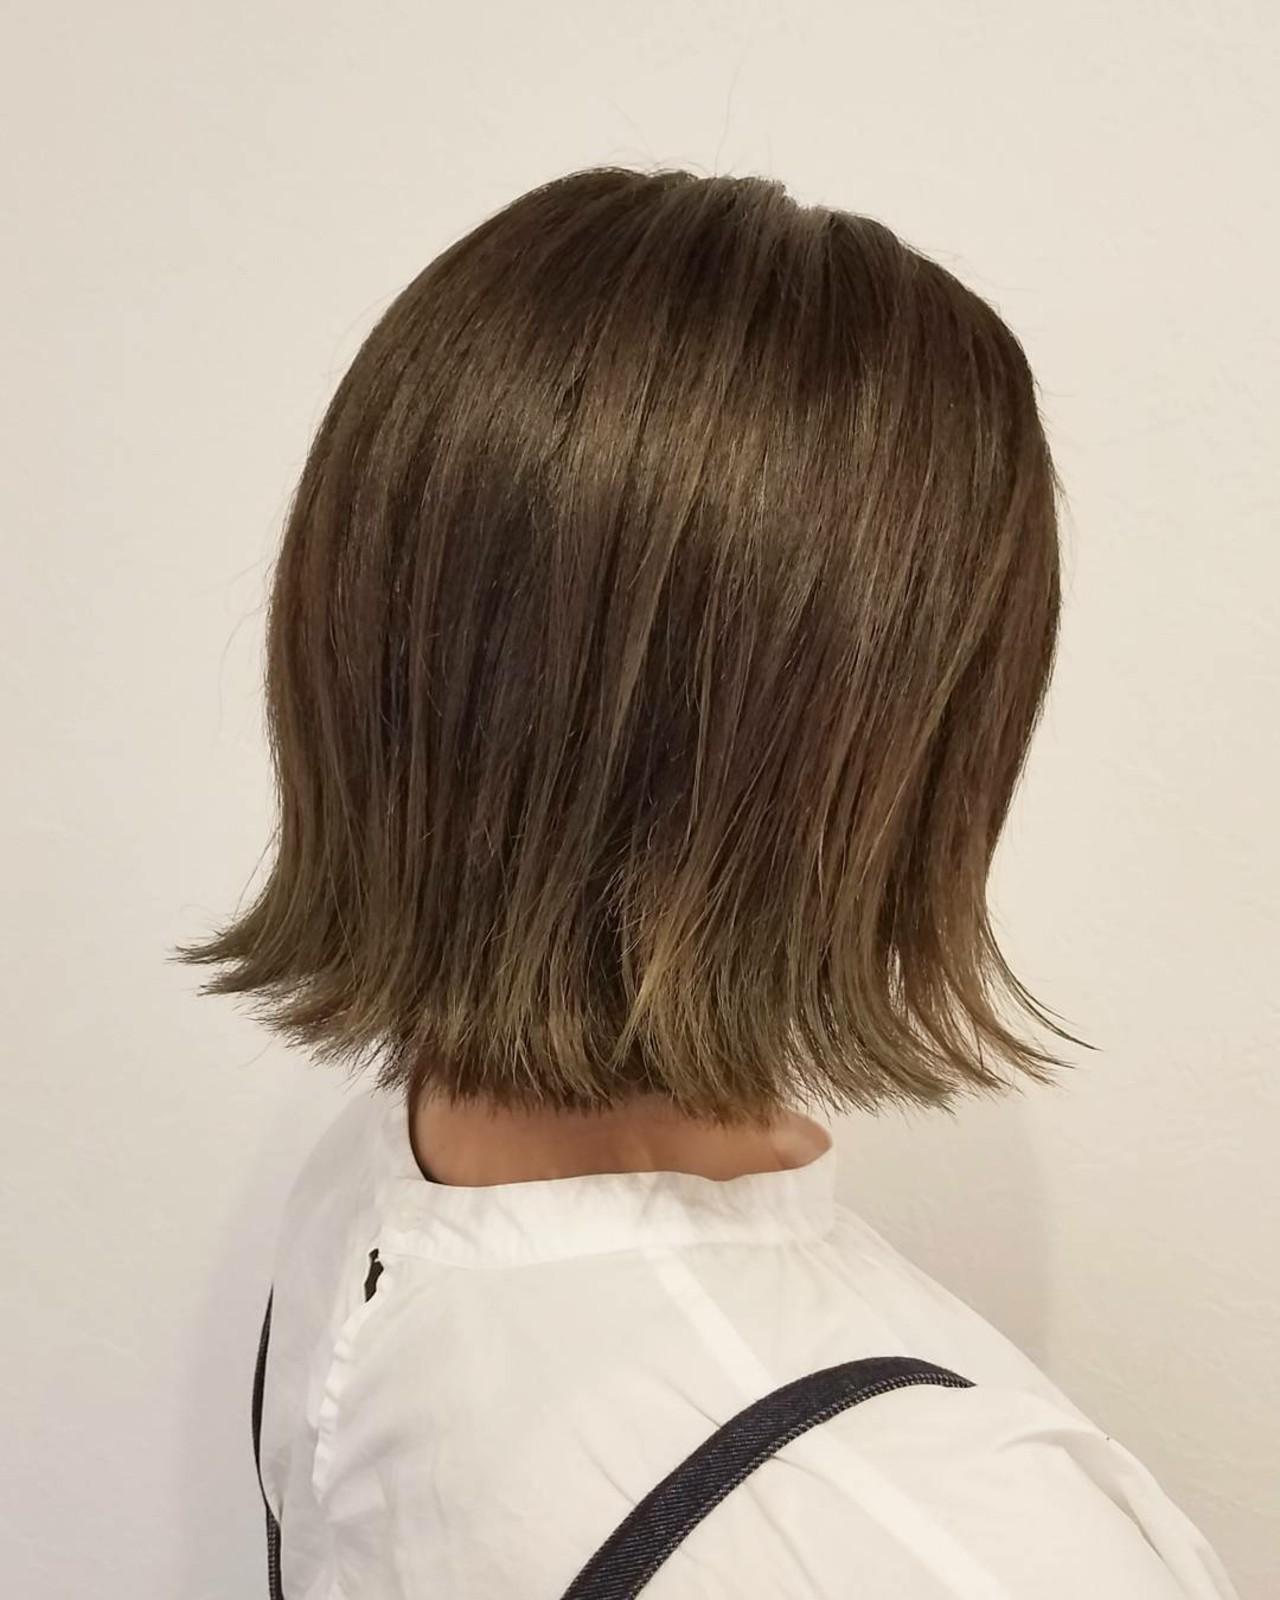 デート 秋 ボブ 透明感 ヘアスタイルや髪型の写真・画像 | 浅原 有輝 / rough